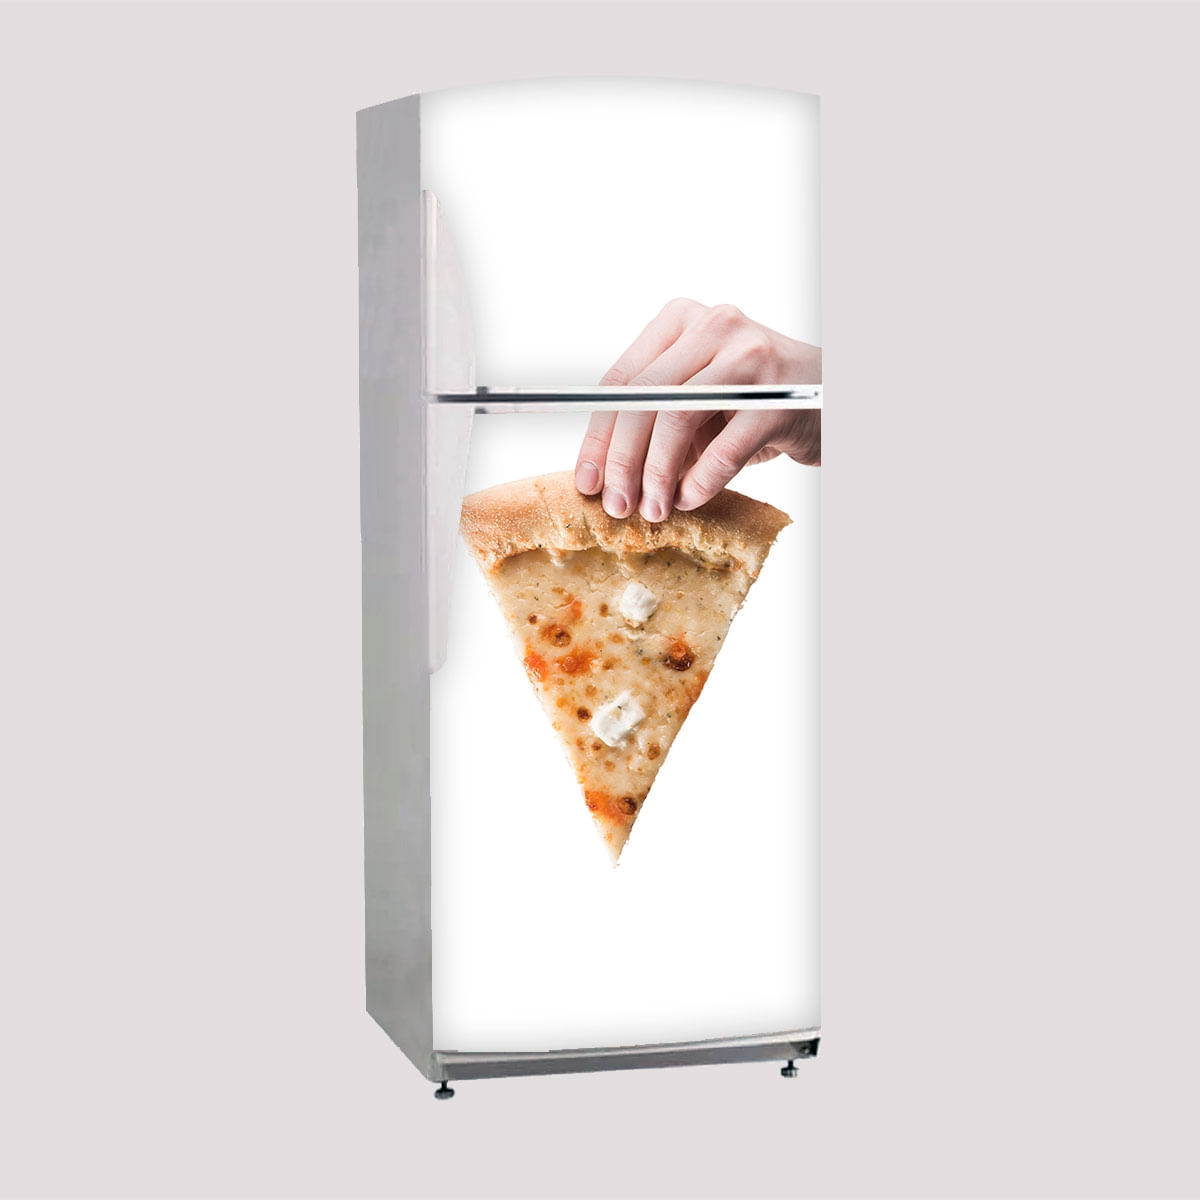 Envelopamento De Geladeira Porta Pedaco De Pizza Side By Side Carrefour Carrefour